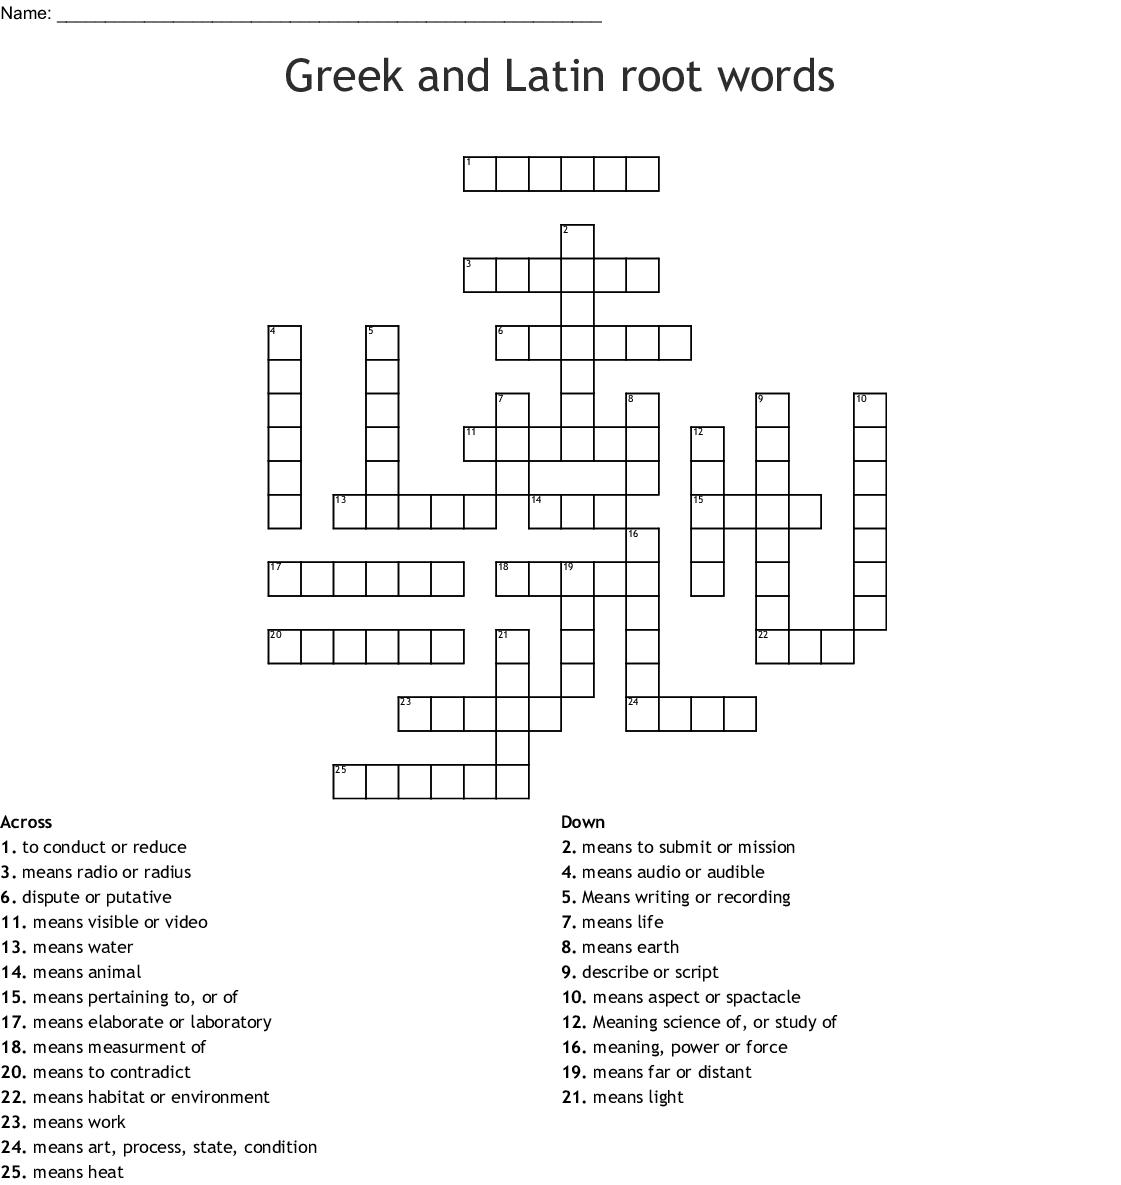 Greek And Latin Root Words Crossword Wordmint